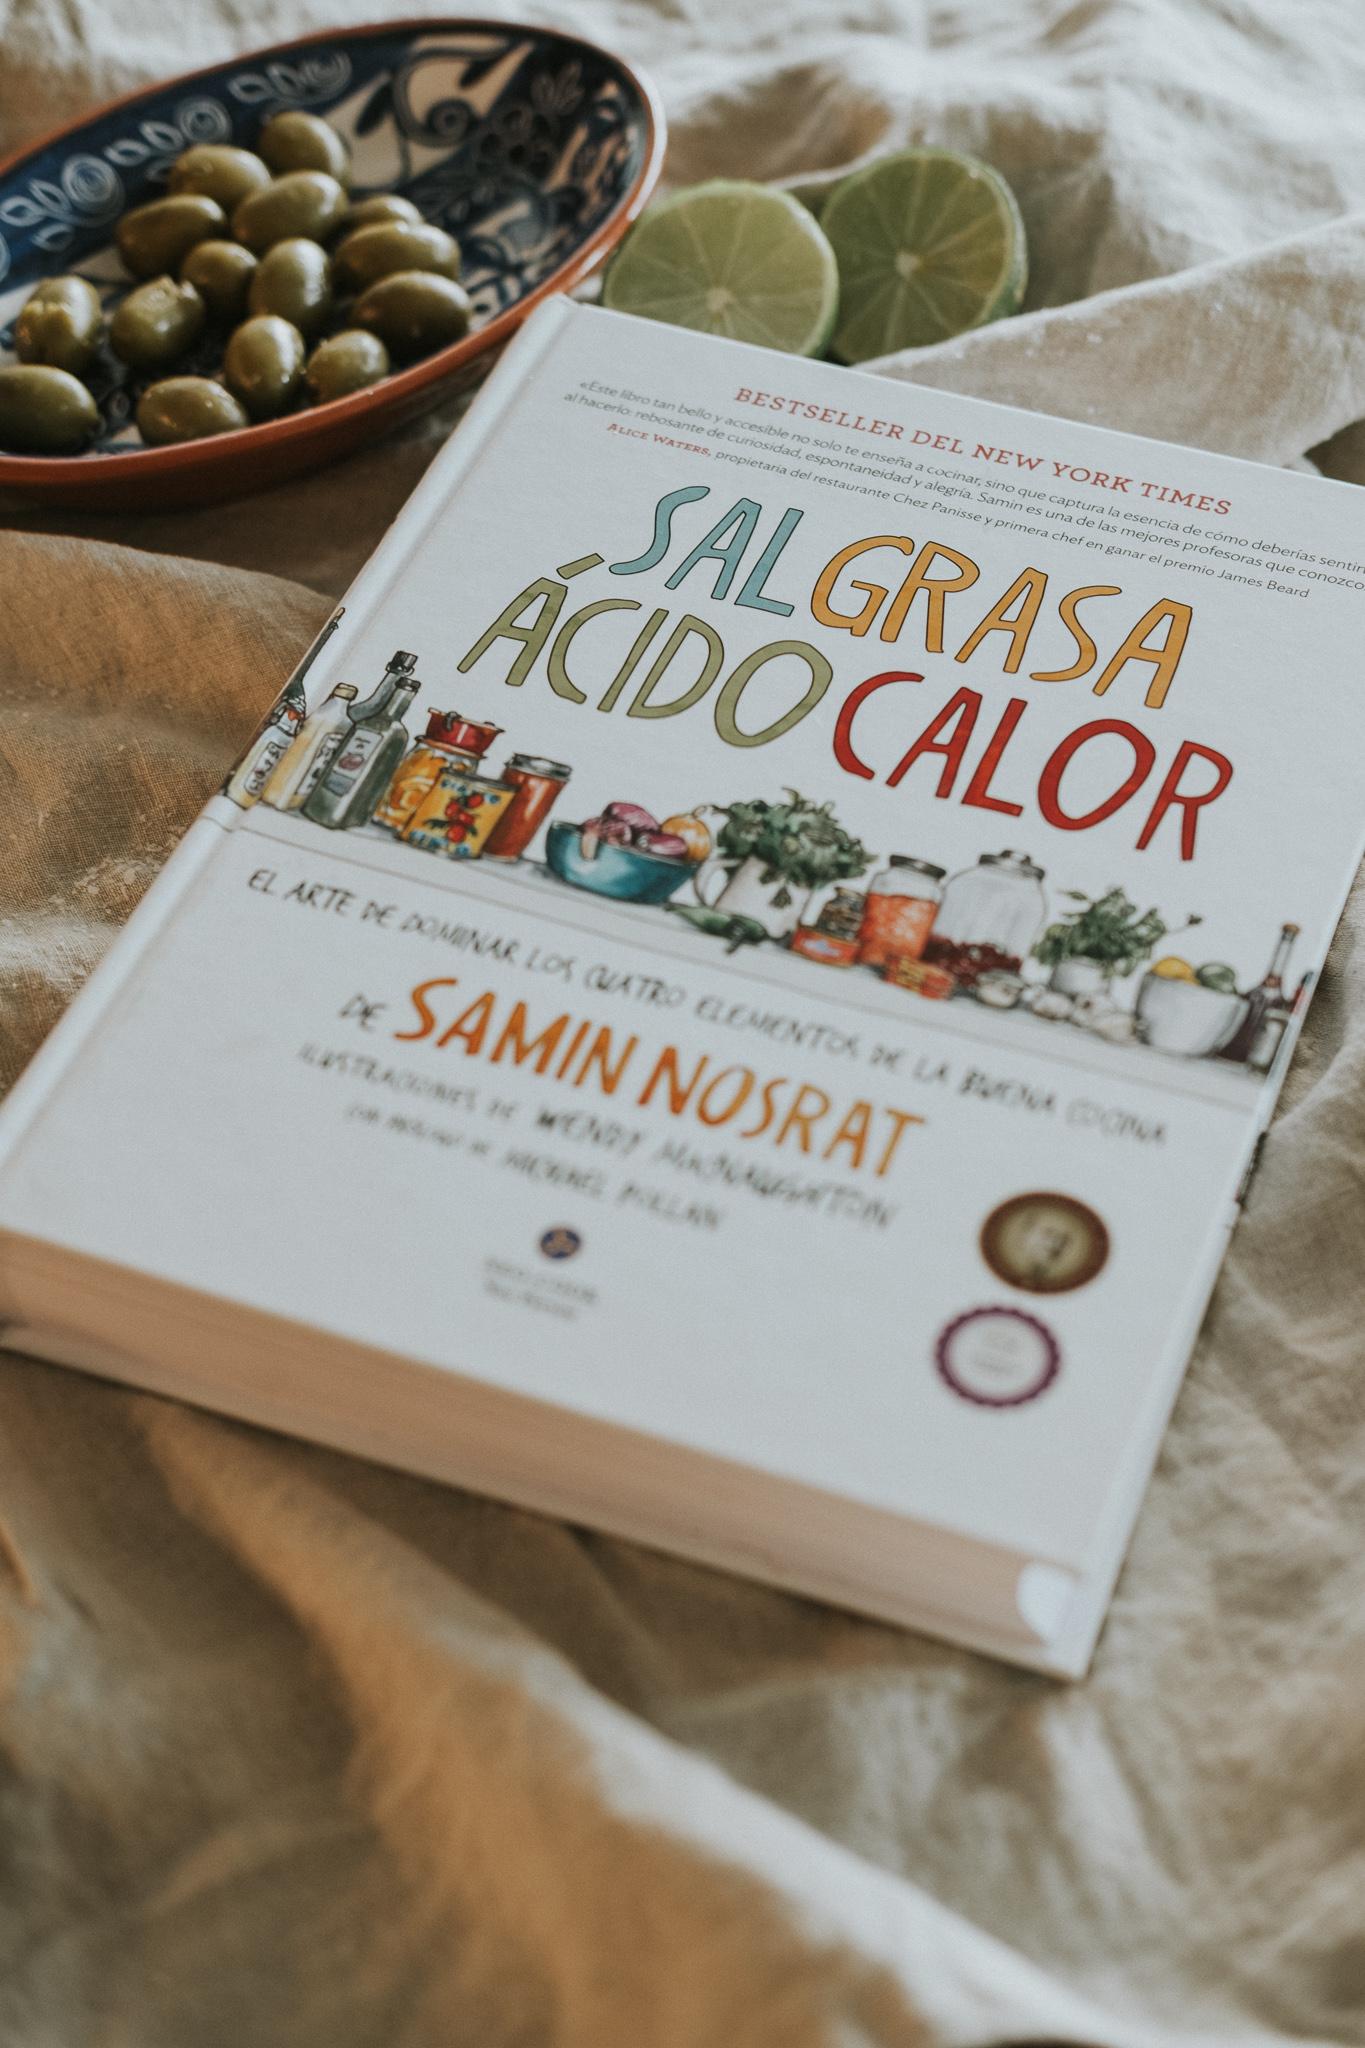 sal acido grasa libro